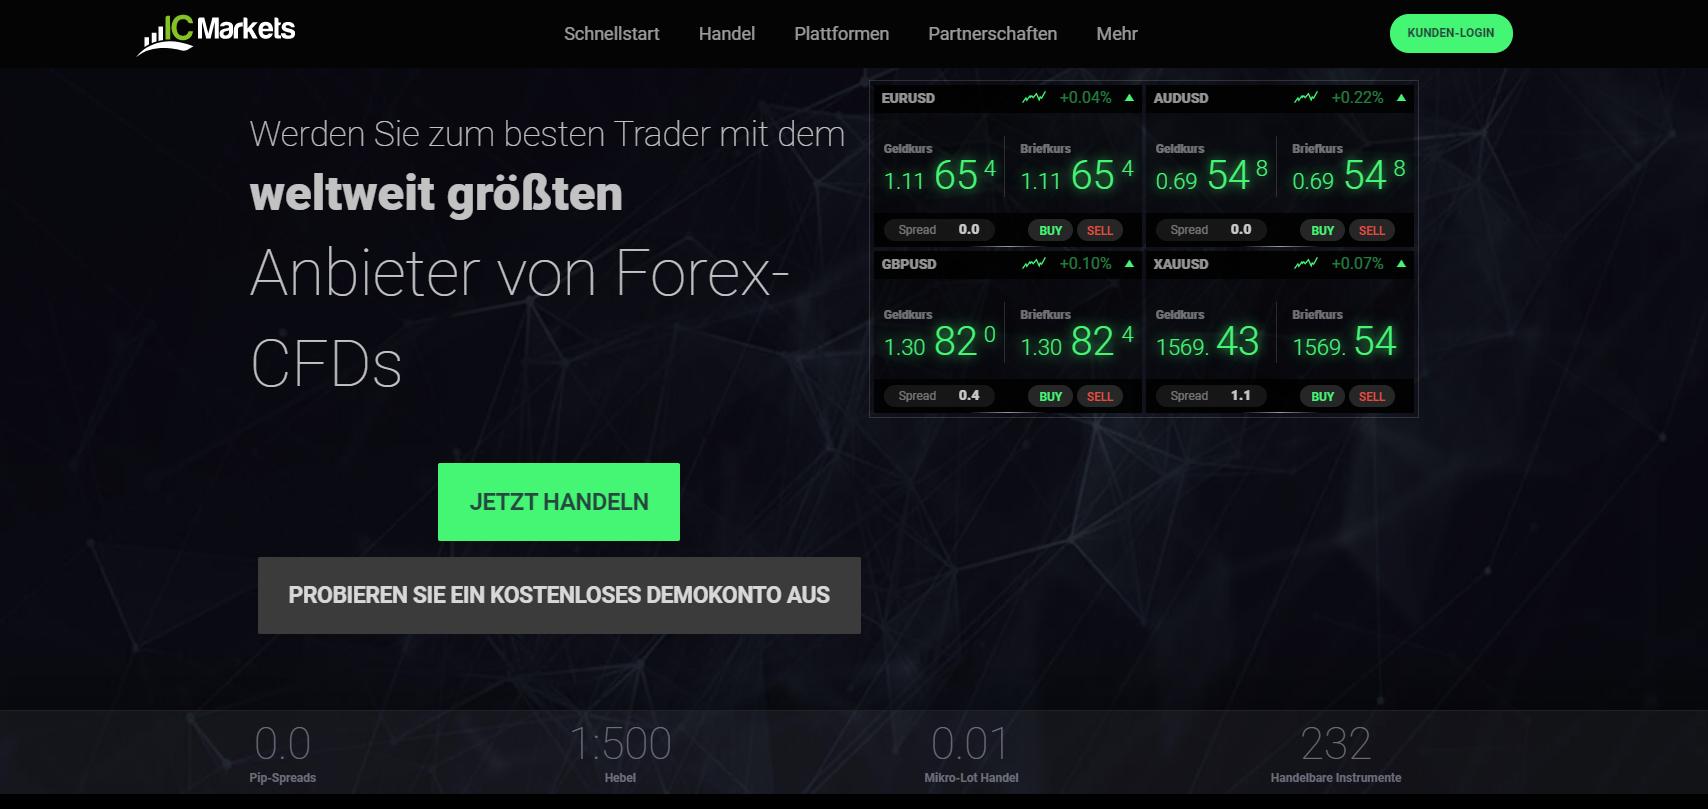 Offizielle Webseite von IC Markets